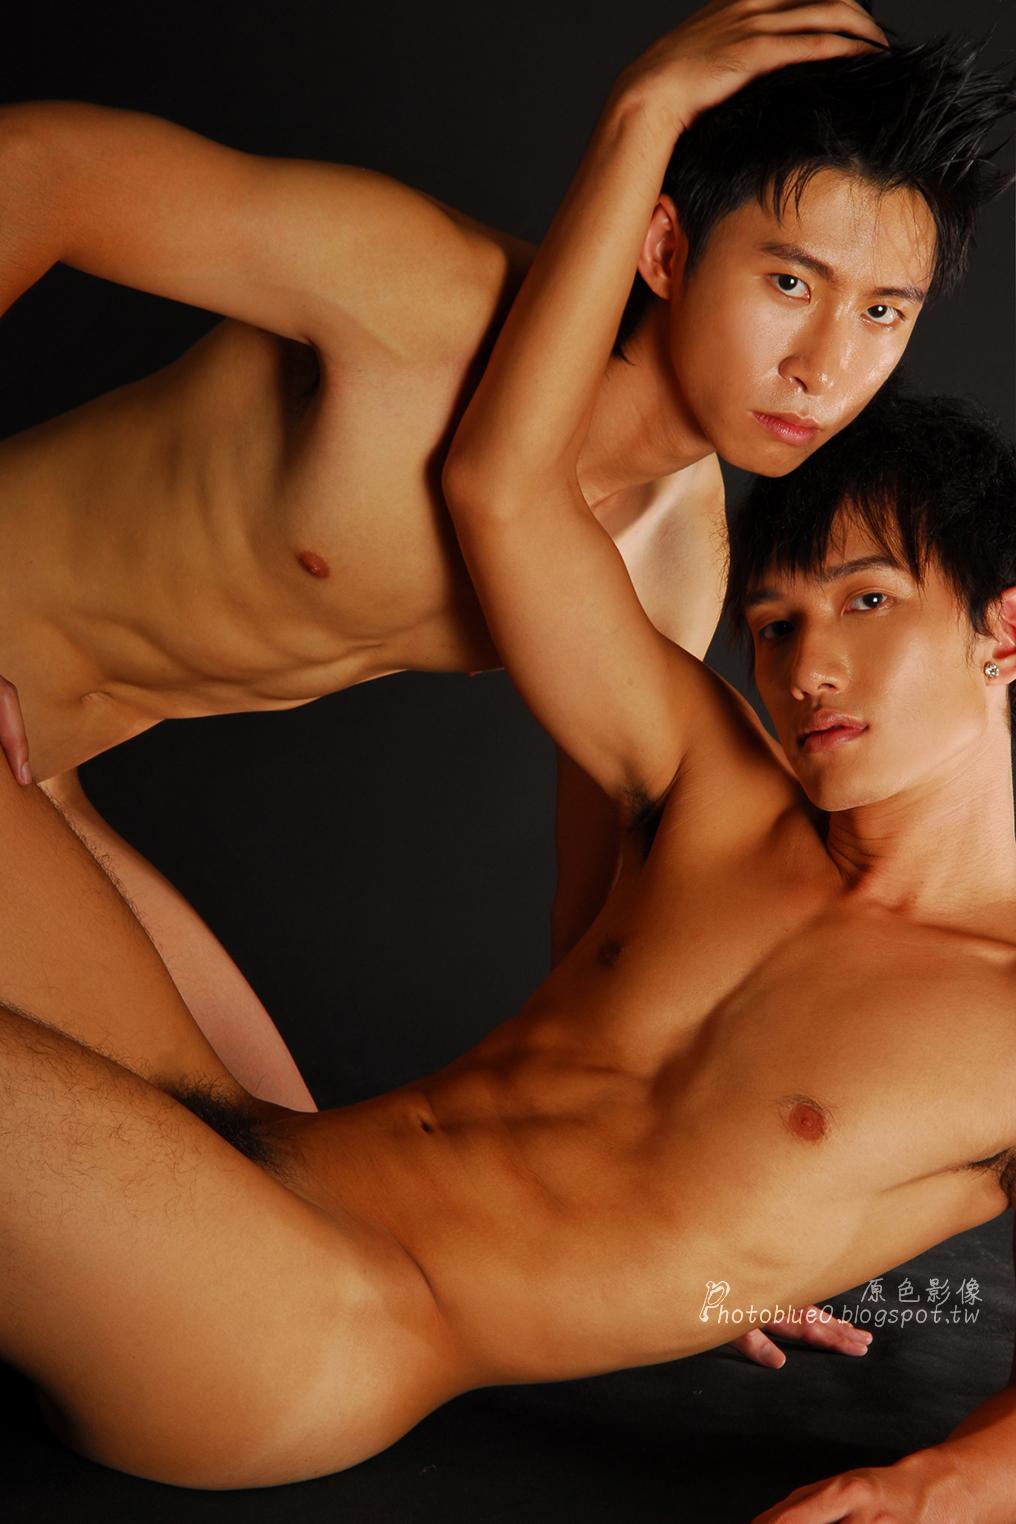 原色blogspot-18禁